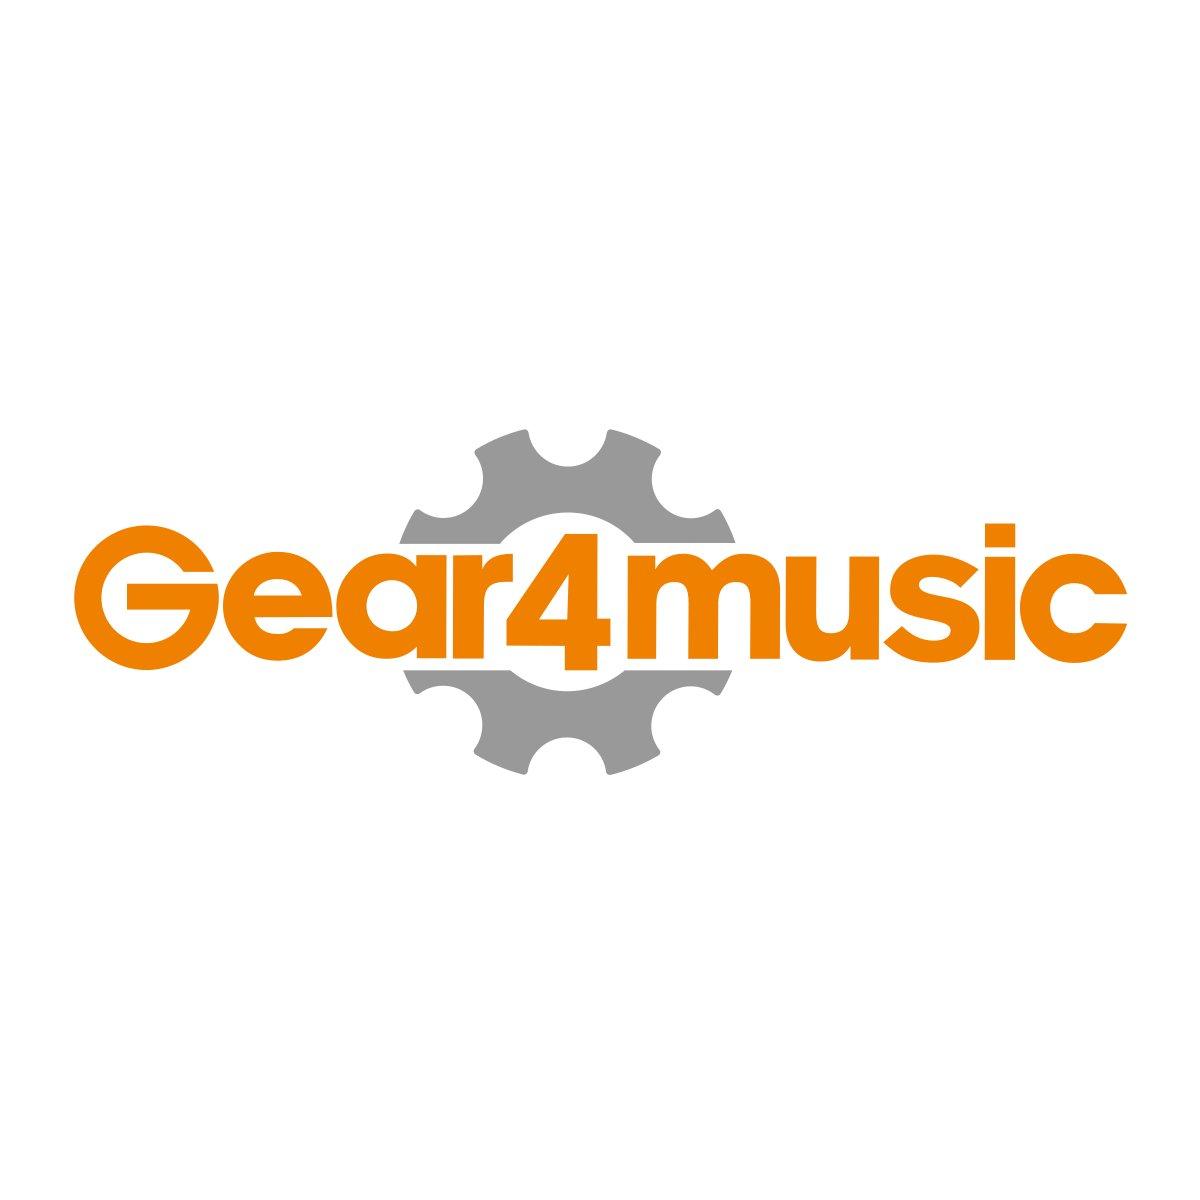 Altsaxophon von Gear4music, Vintage